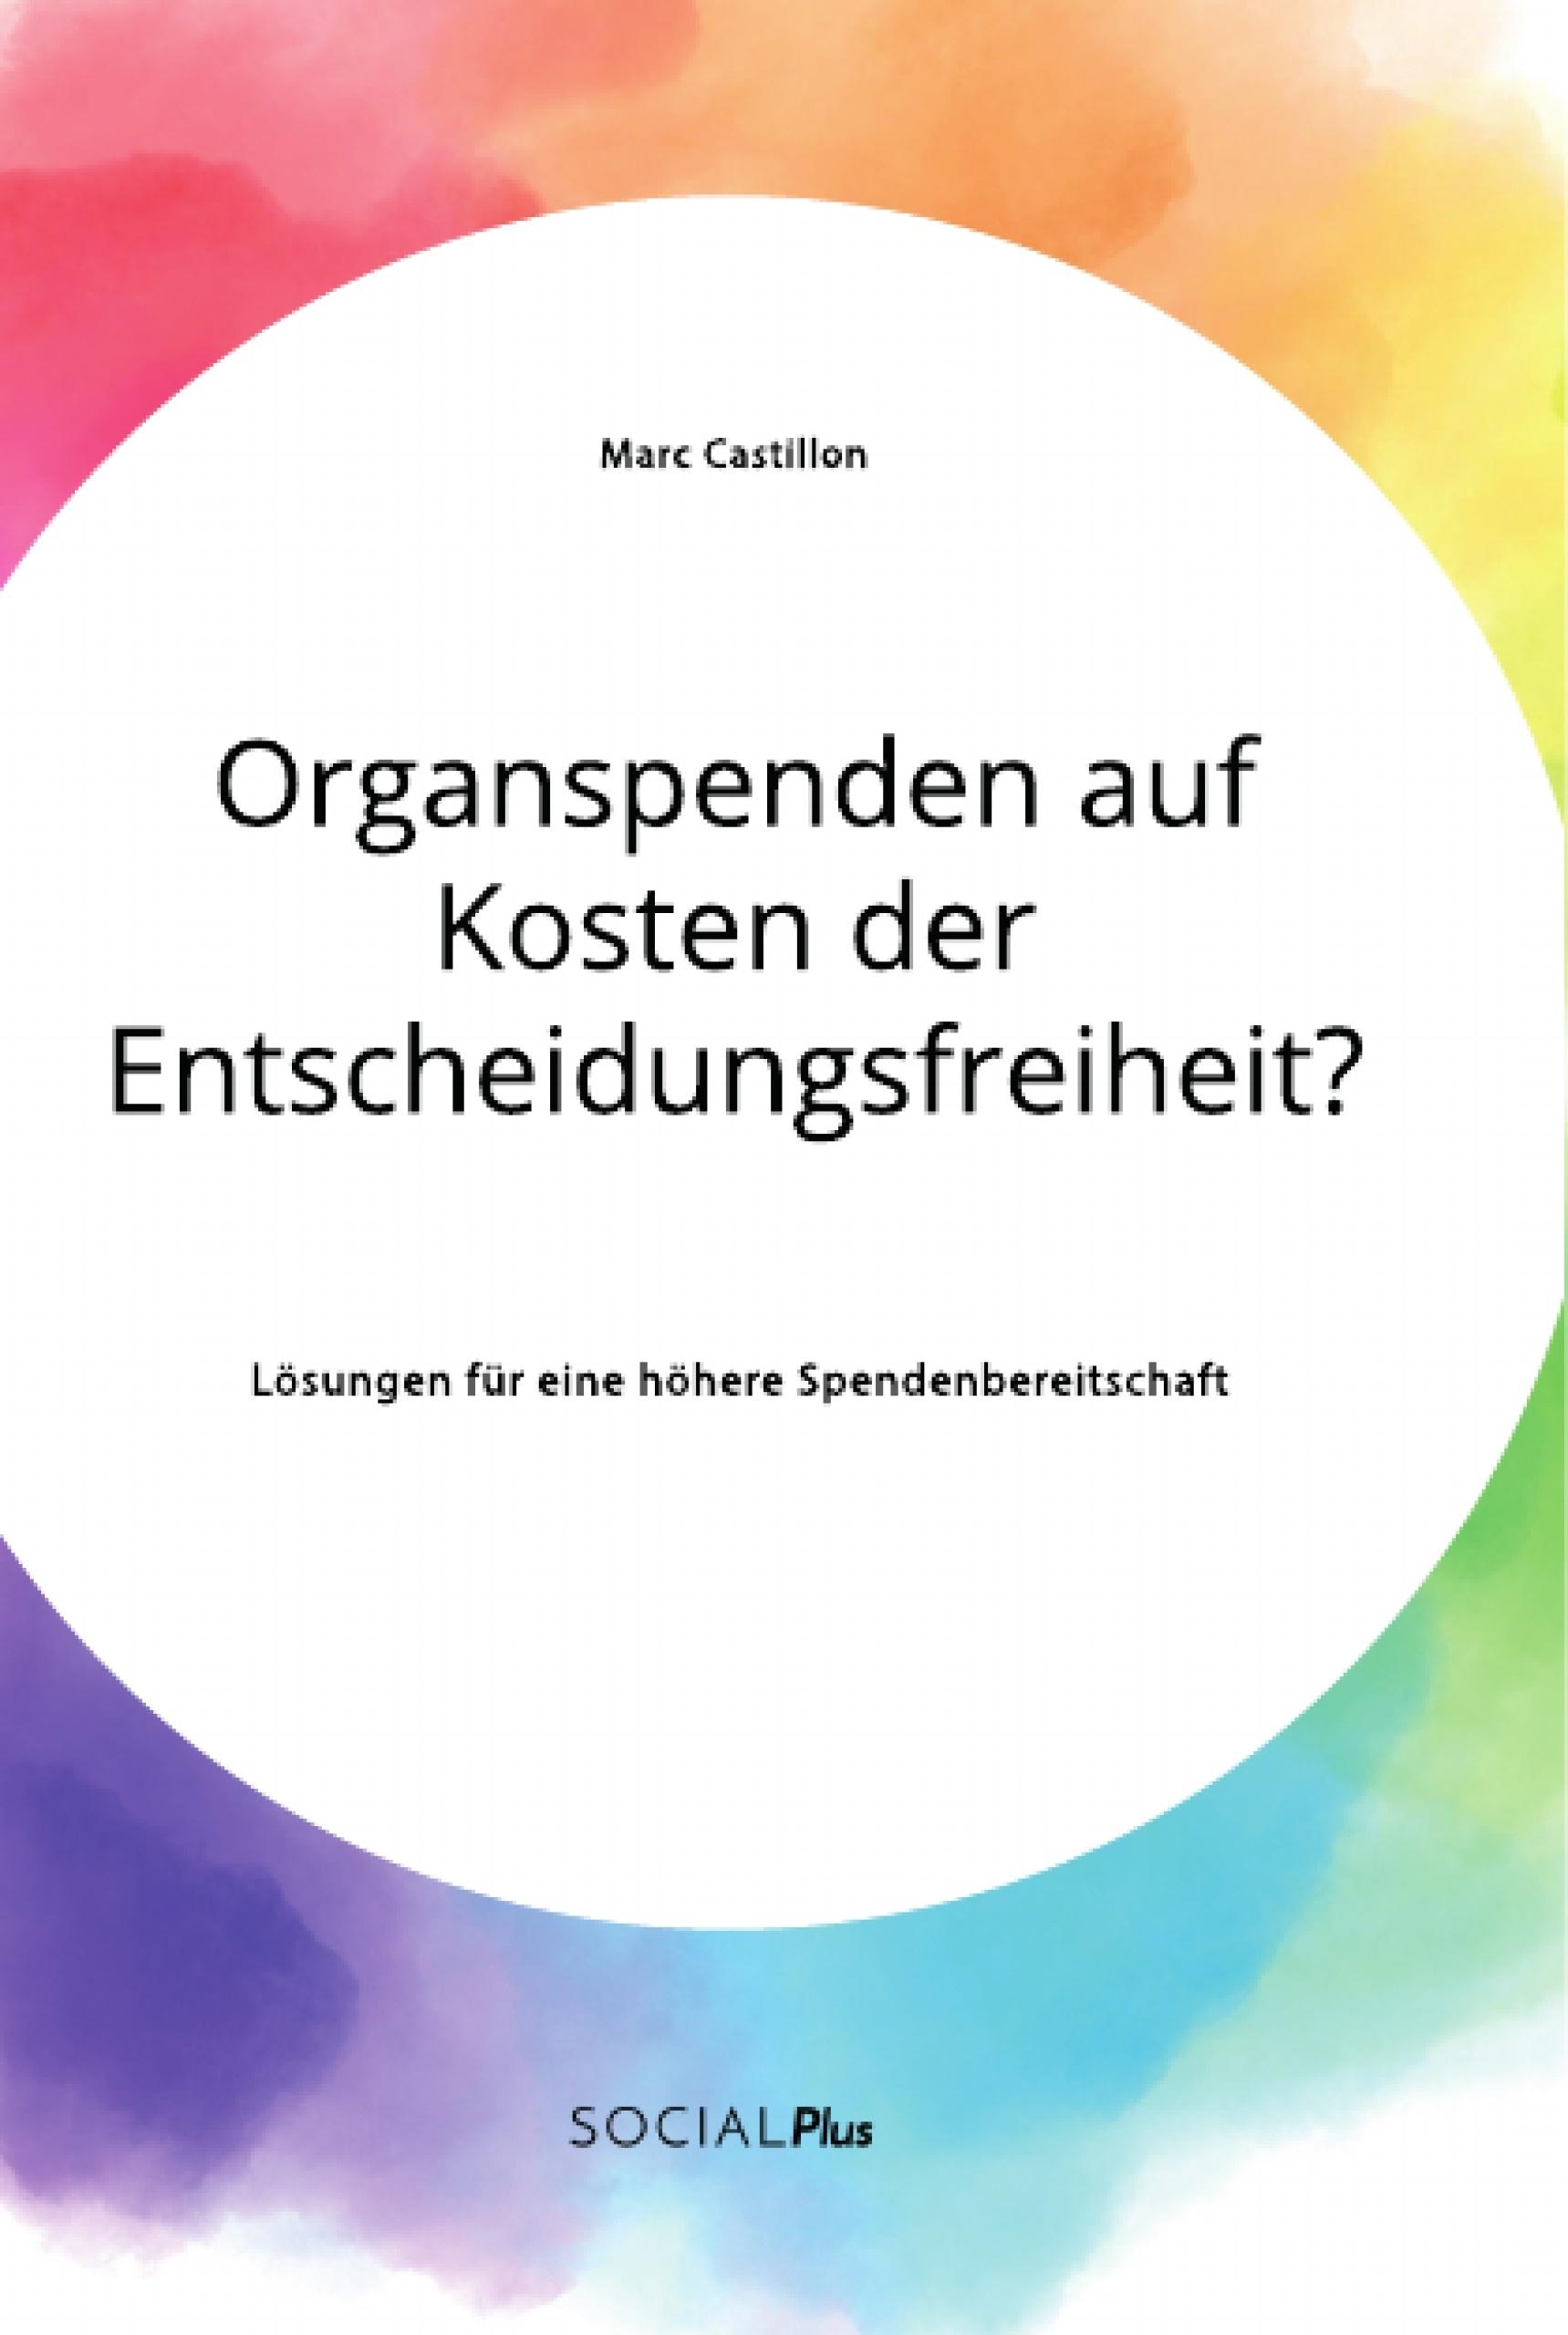 Titel: Organspenden auf Kosten der Entscheidungsfreiheit? Lösungen für eine höhere Spendenbereitschaft